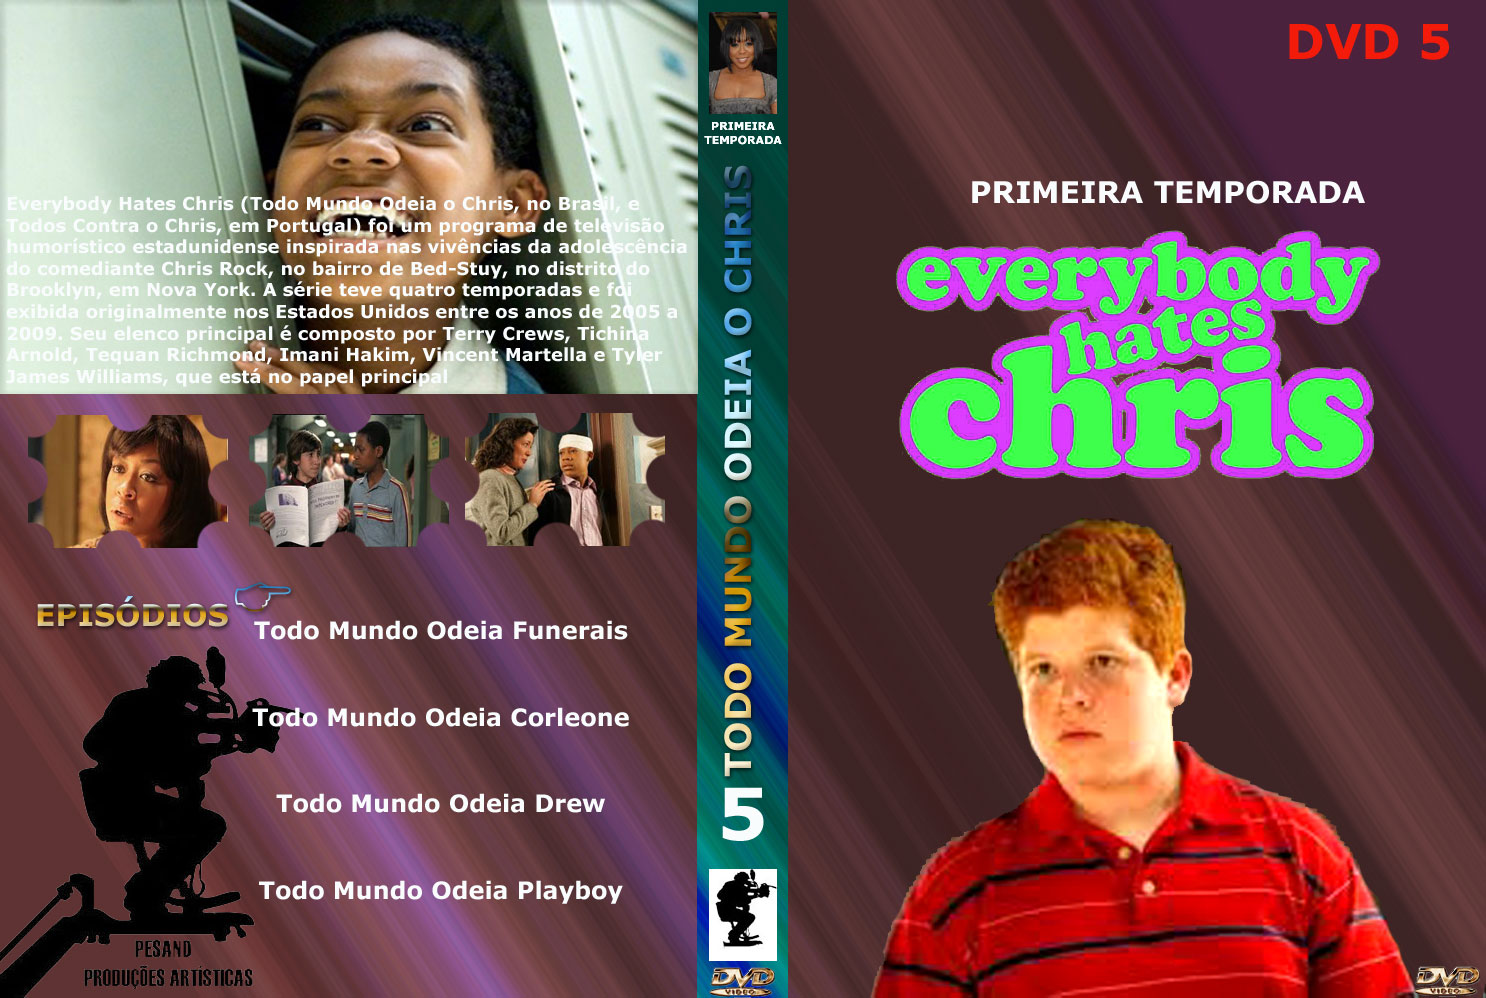 Todo mundo odeia o chris 4 temporada download music